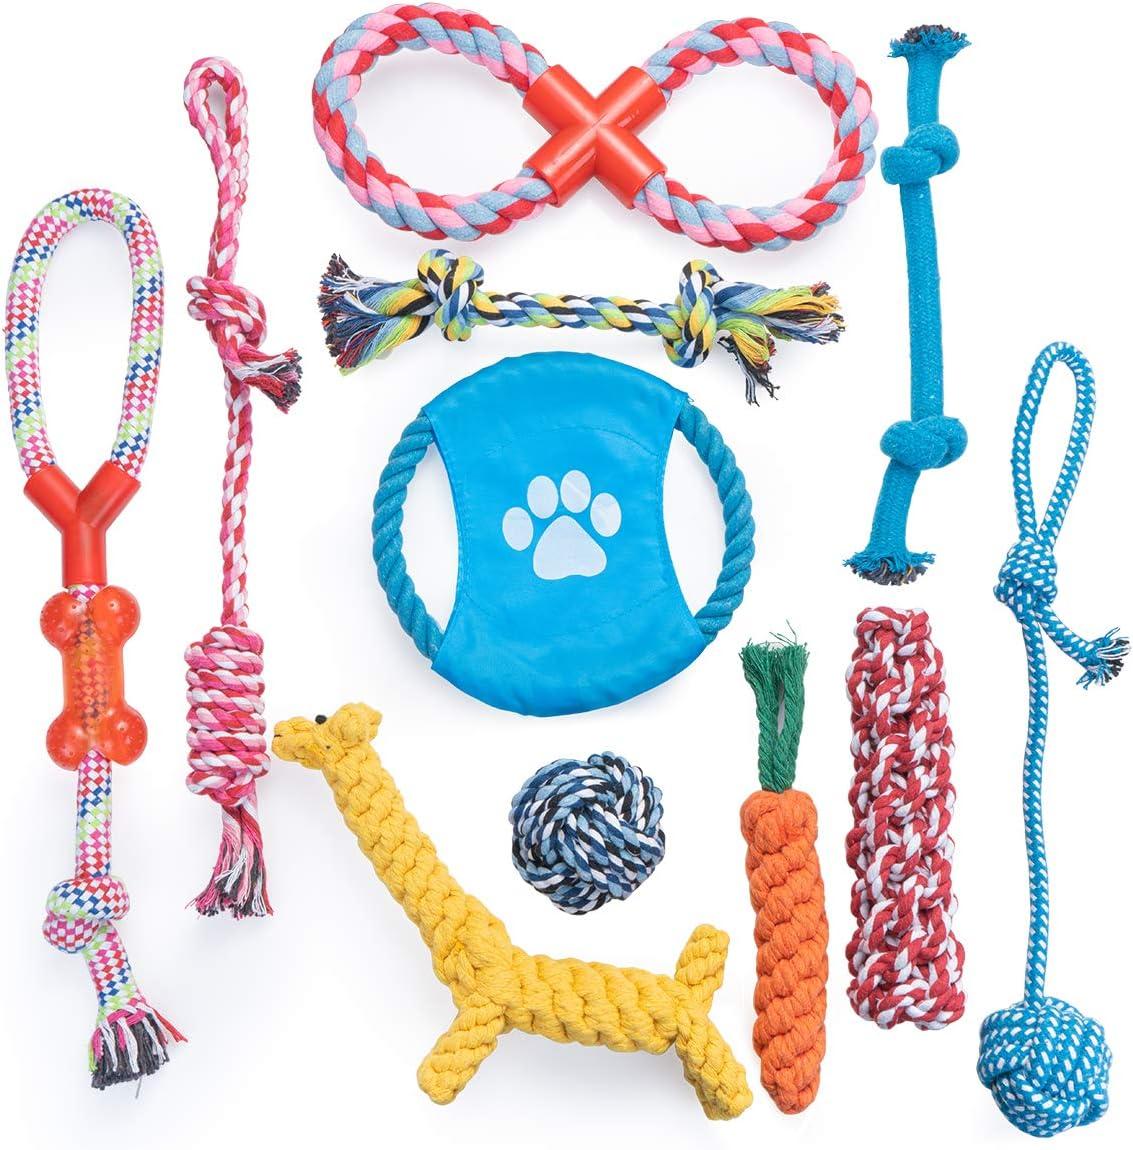 Dono Dog Rope Toys 11pcs 47% OFF £7.99 @ Amazon